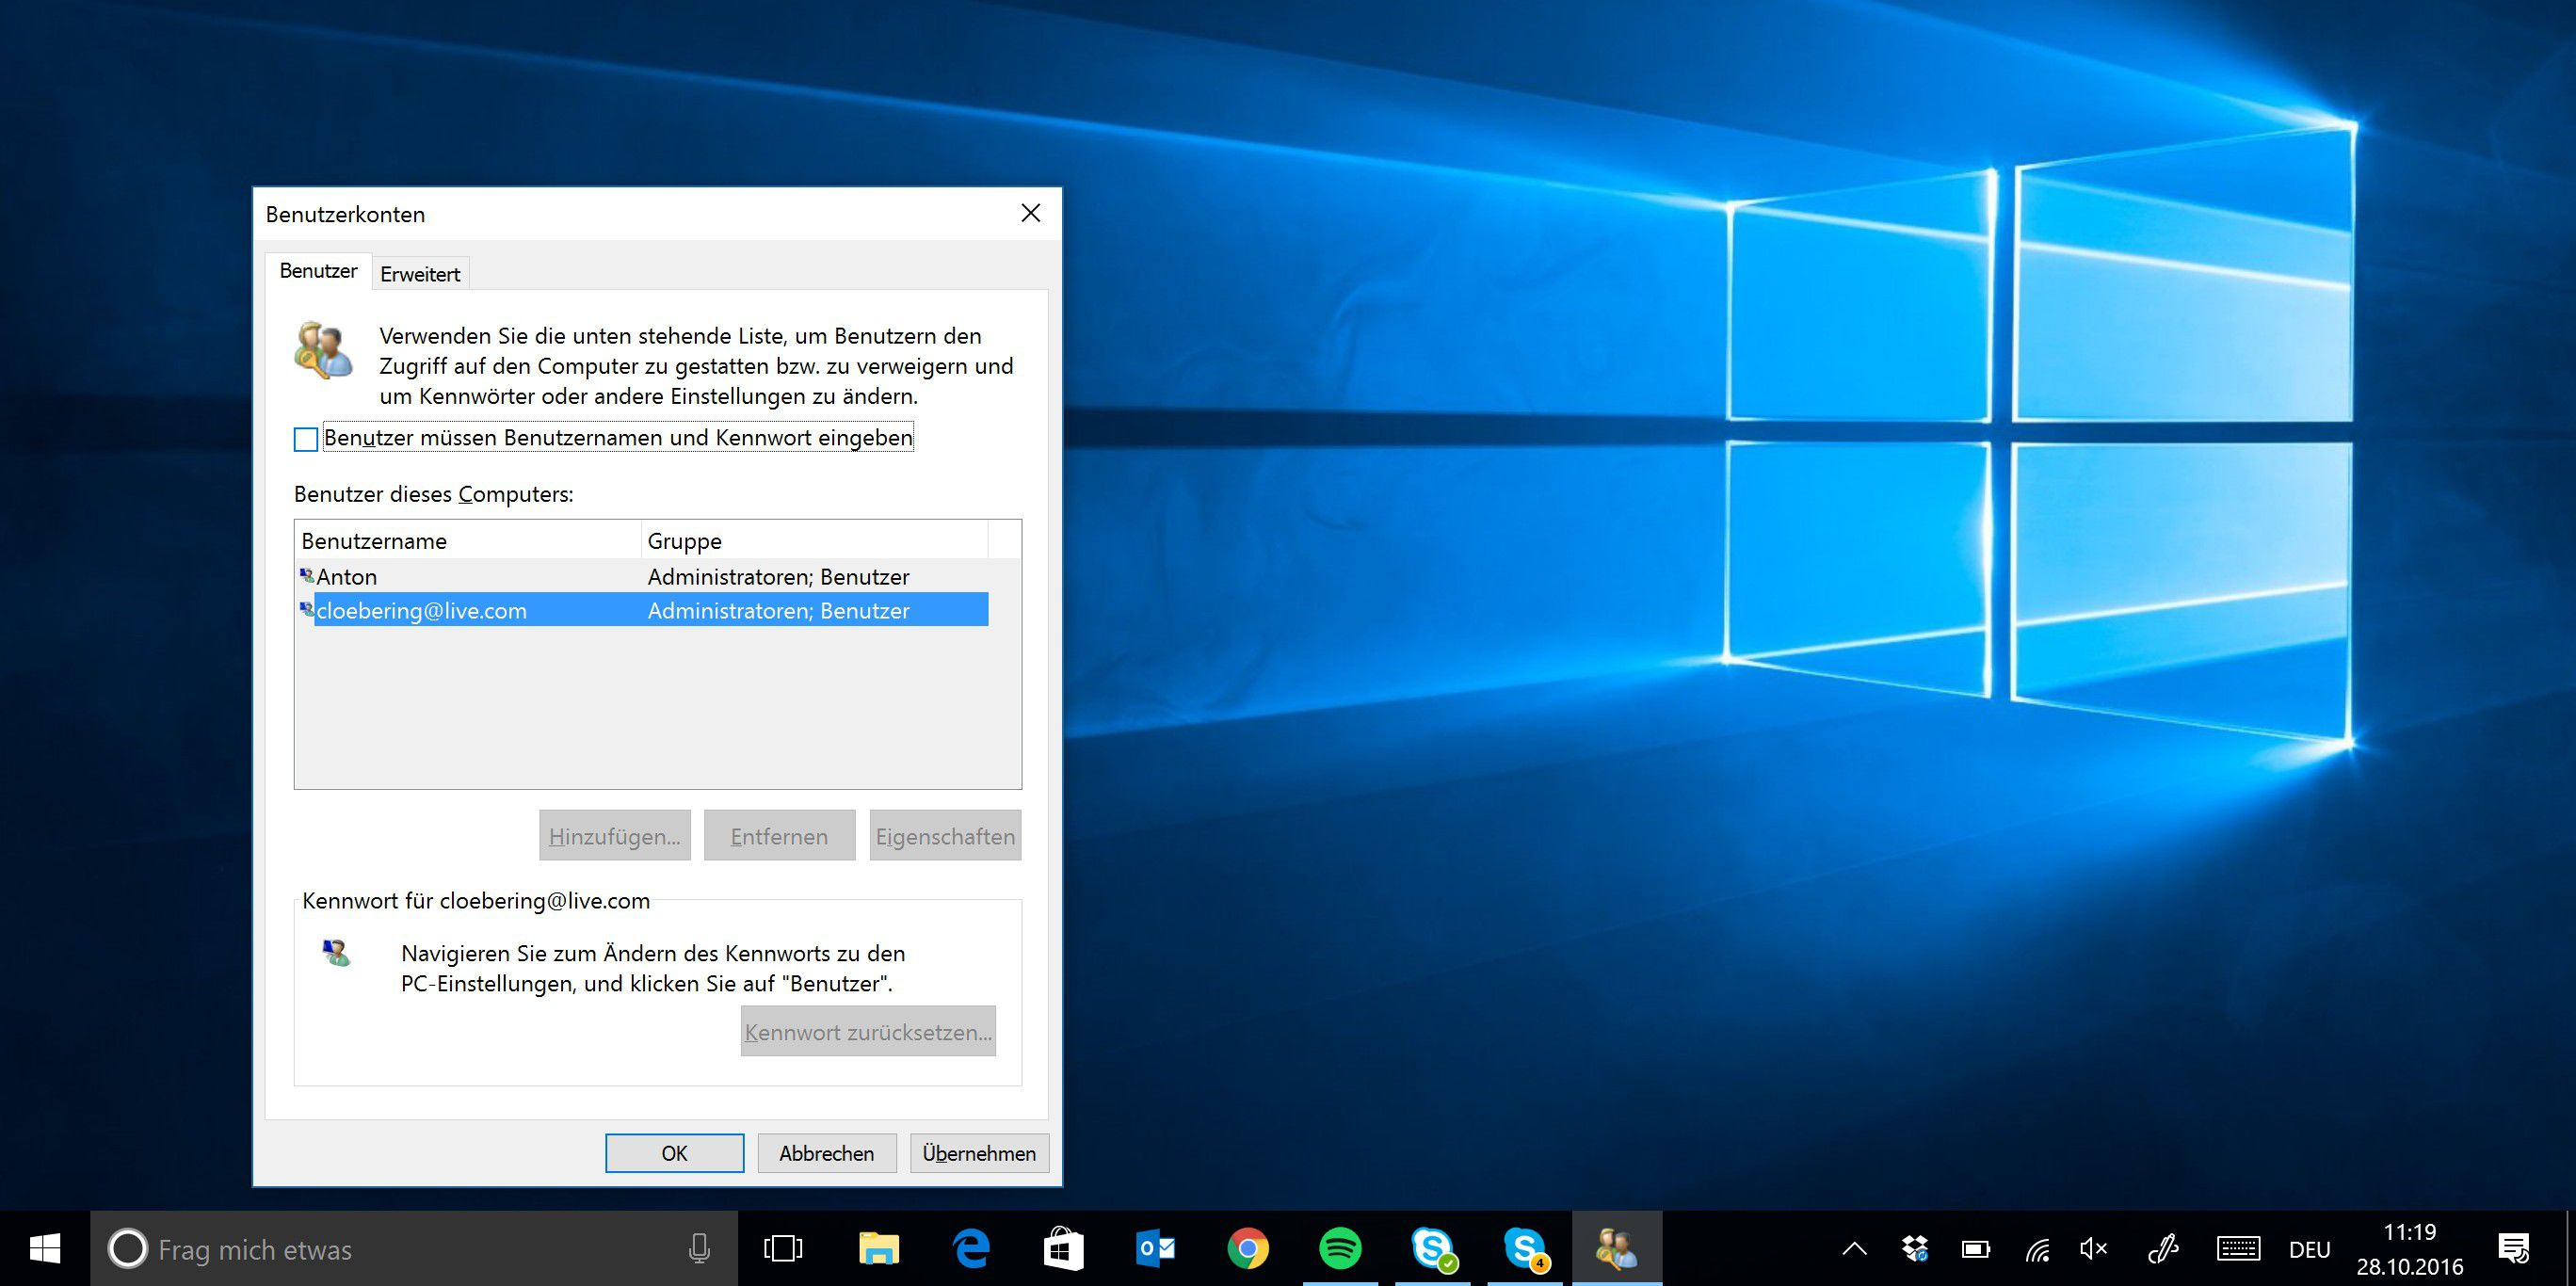 Windows 10 Passwort entfernen - automatisch anmelden - PC-WELT